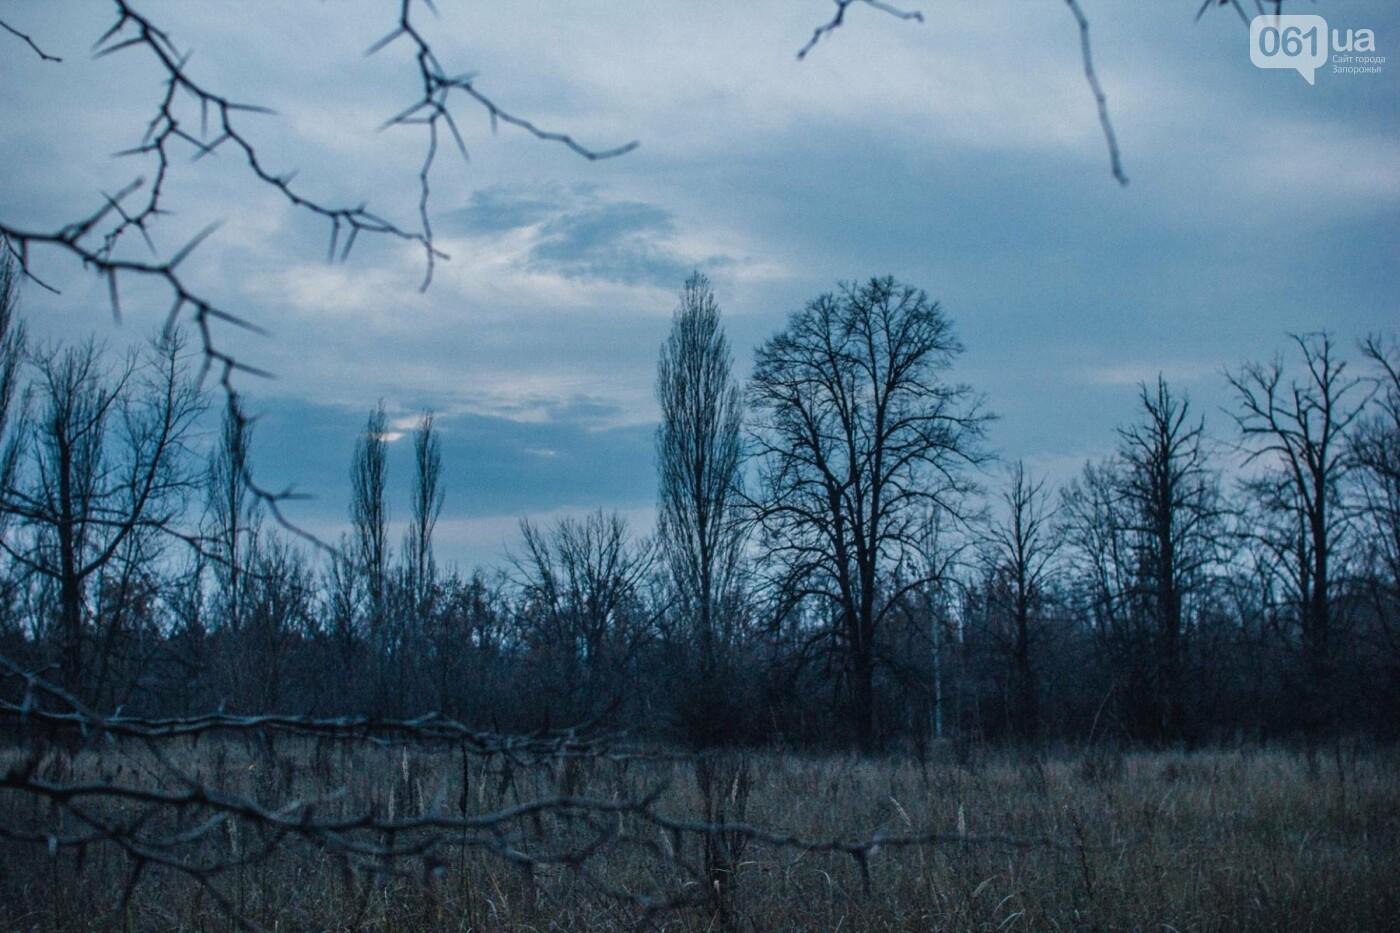 Четыре дня до зимы: как выглядит Хортица поздней осенью, - ФОТОРЕПОРТАЖ, фото-20